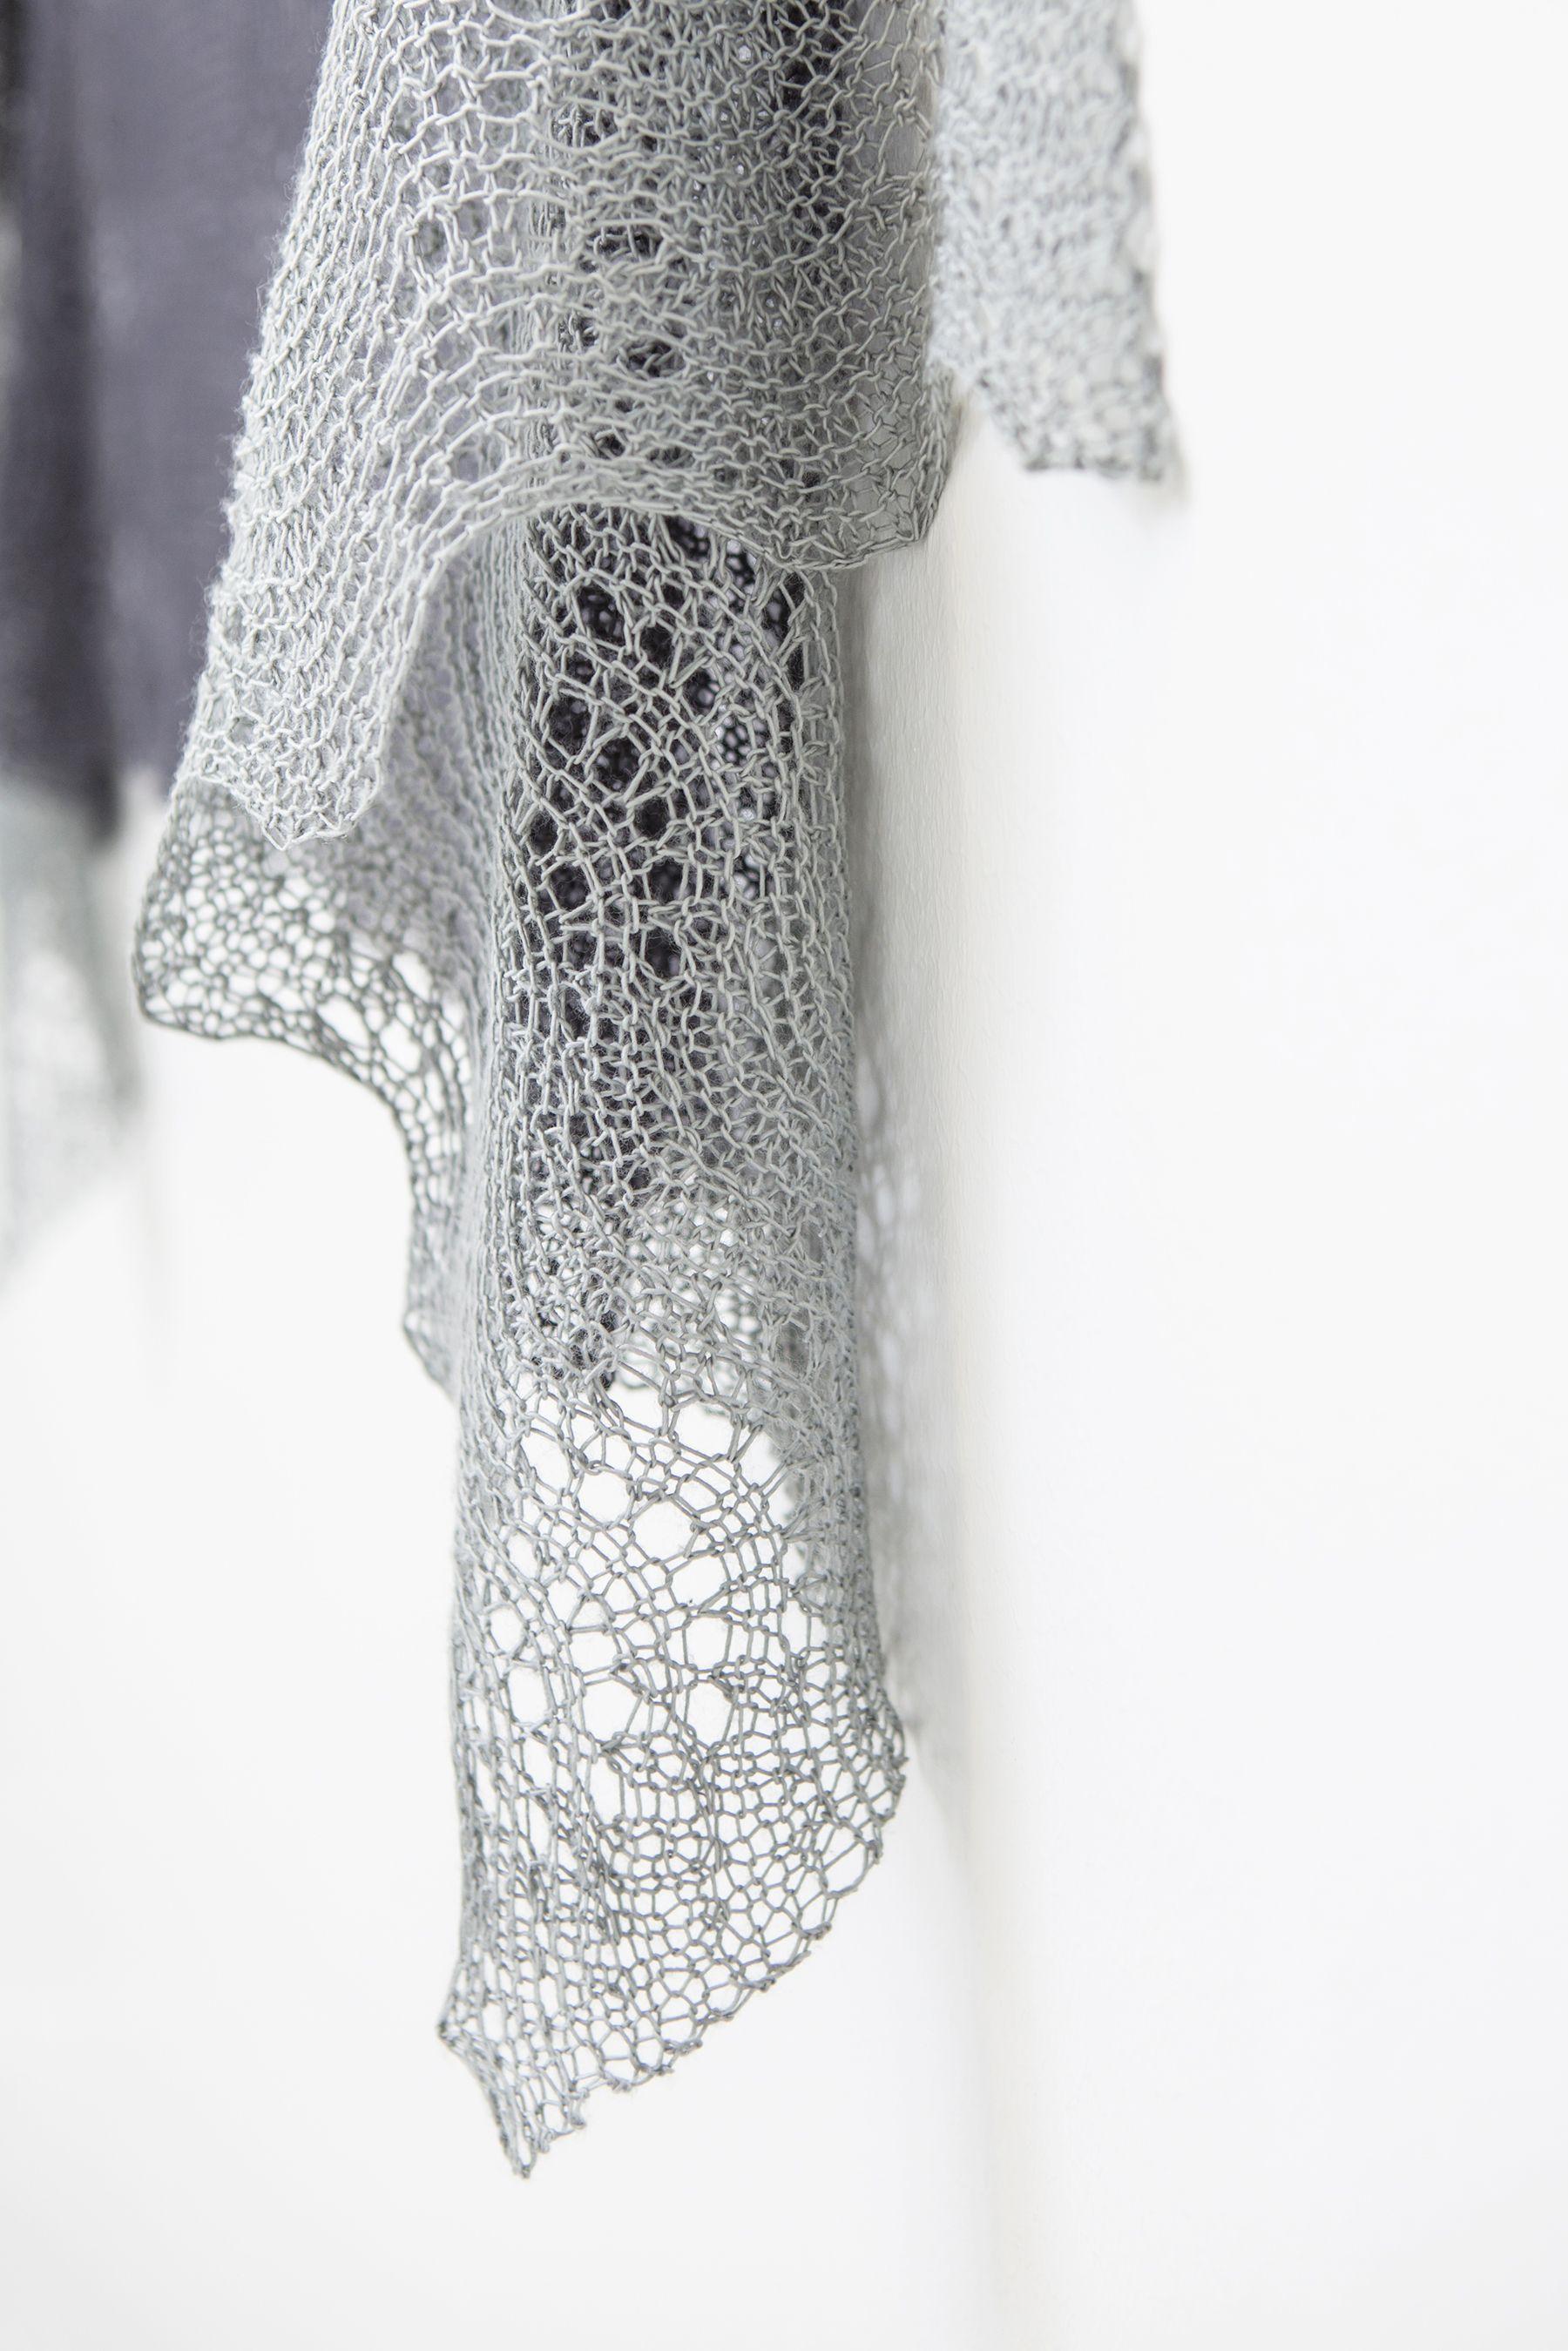 Starlight pattern by Janina Kallio